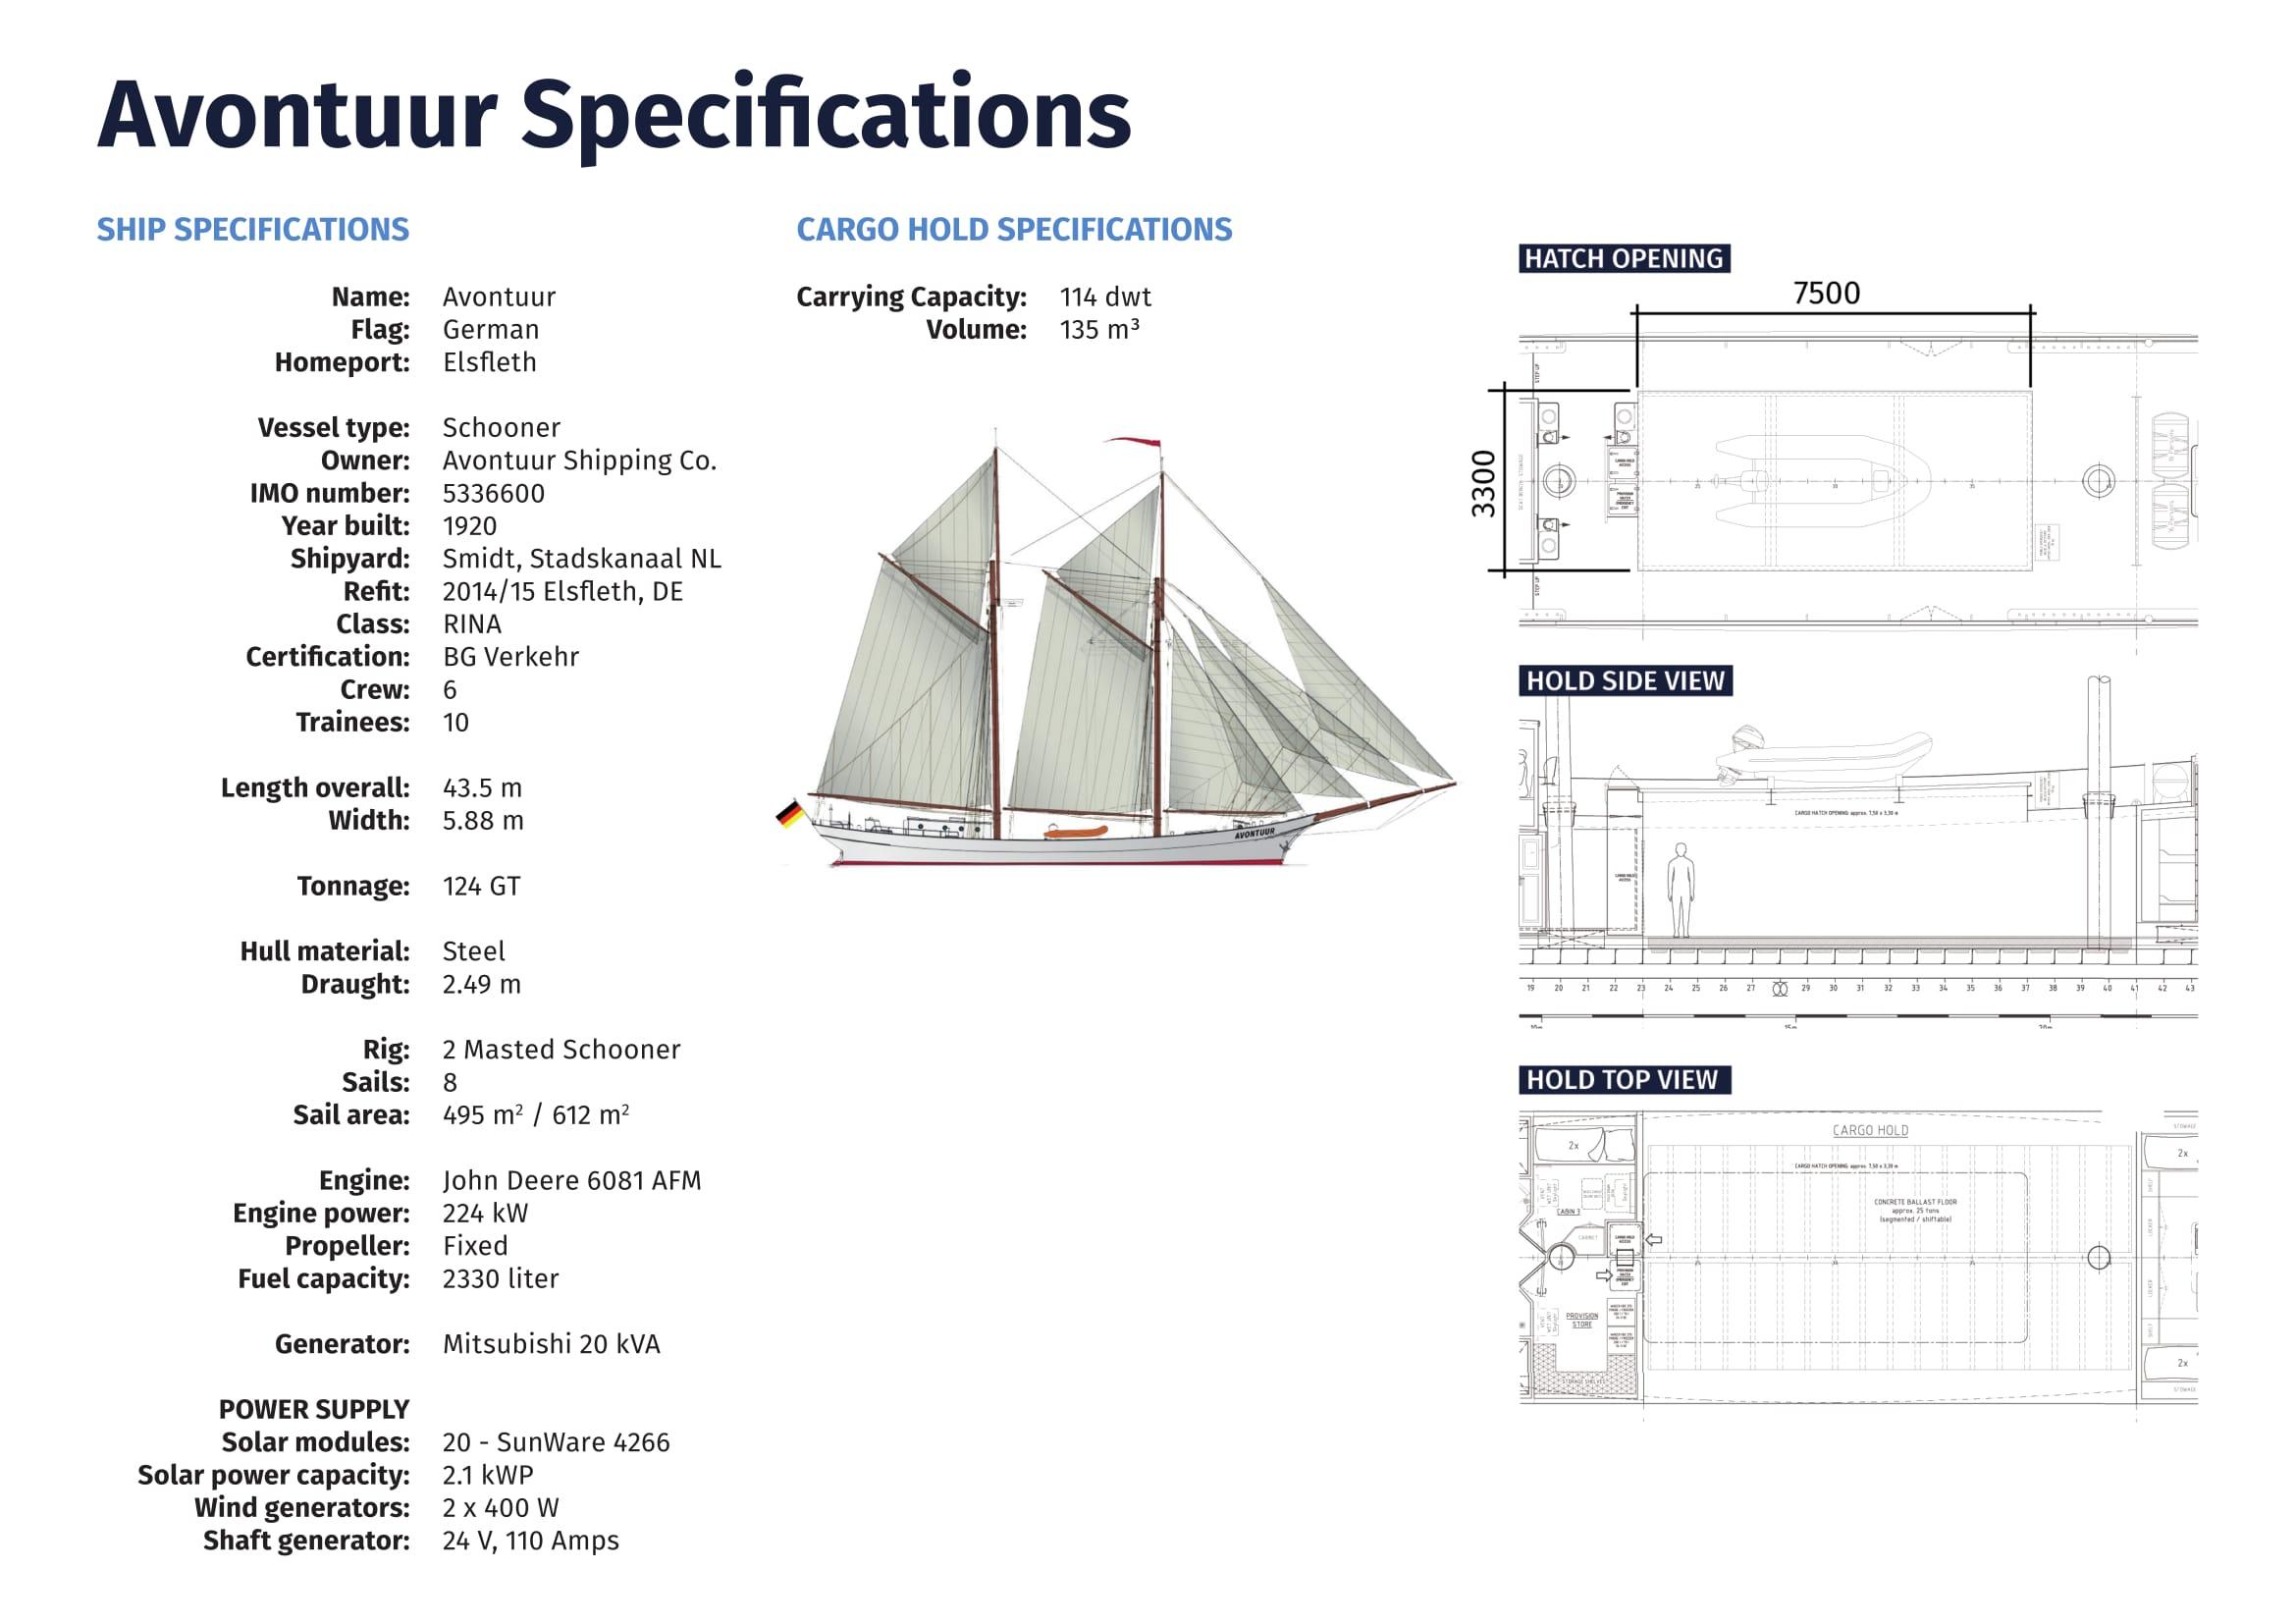 SpecificationsSheet_V3-3